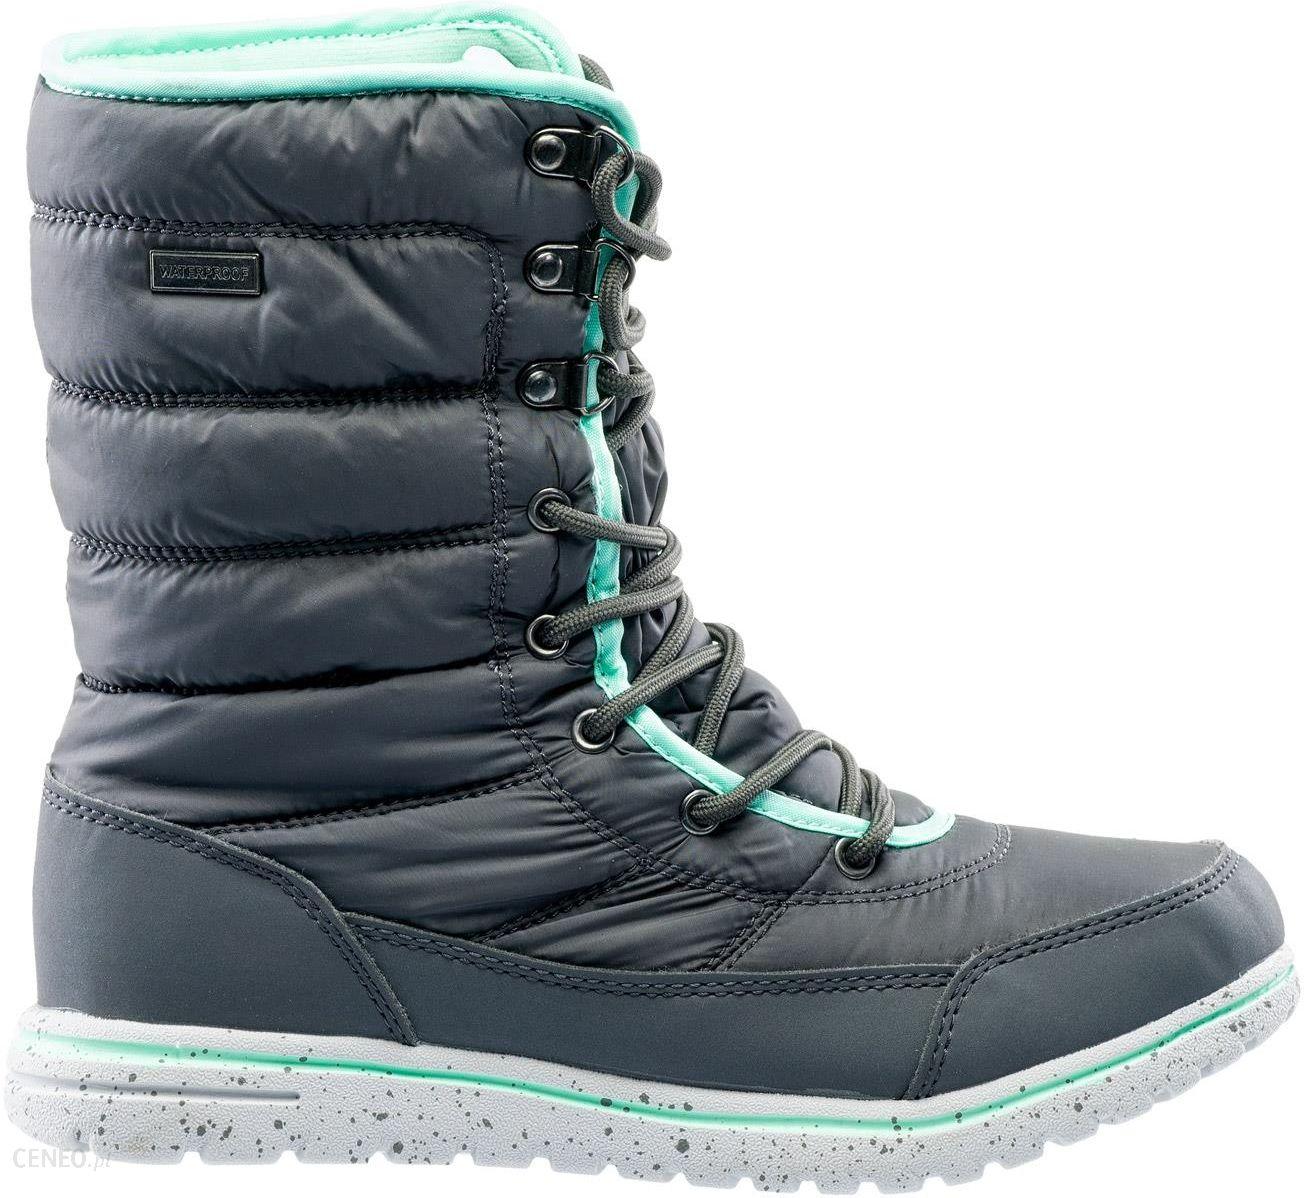 wygodne buty damskie Śniegowce Nike, porównaj ceny i kup online